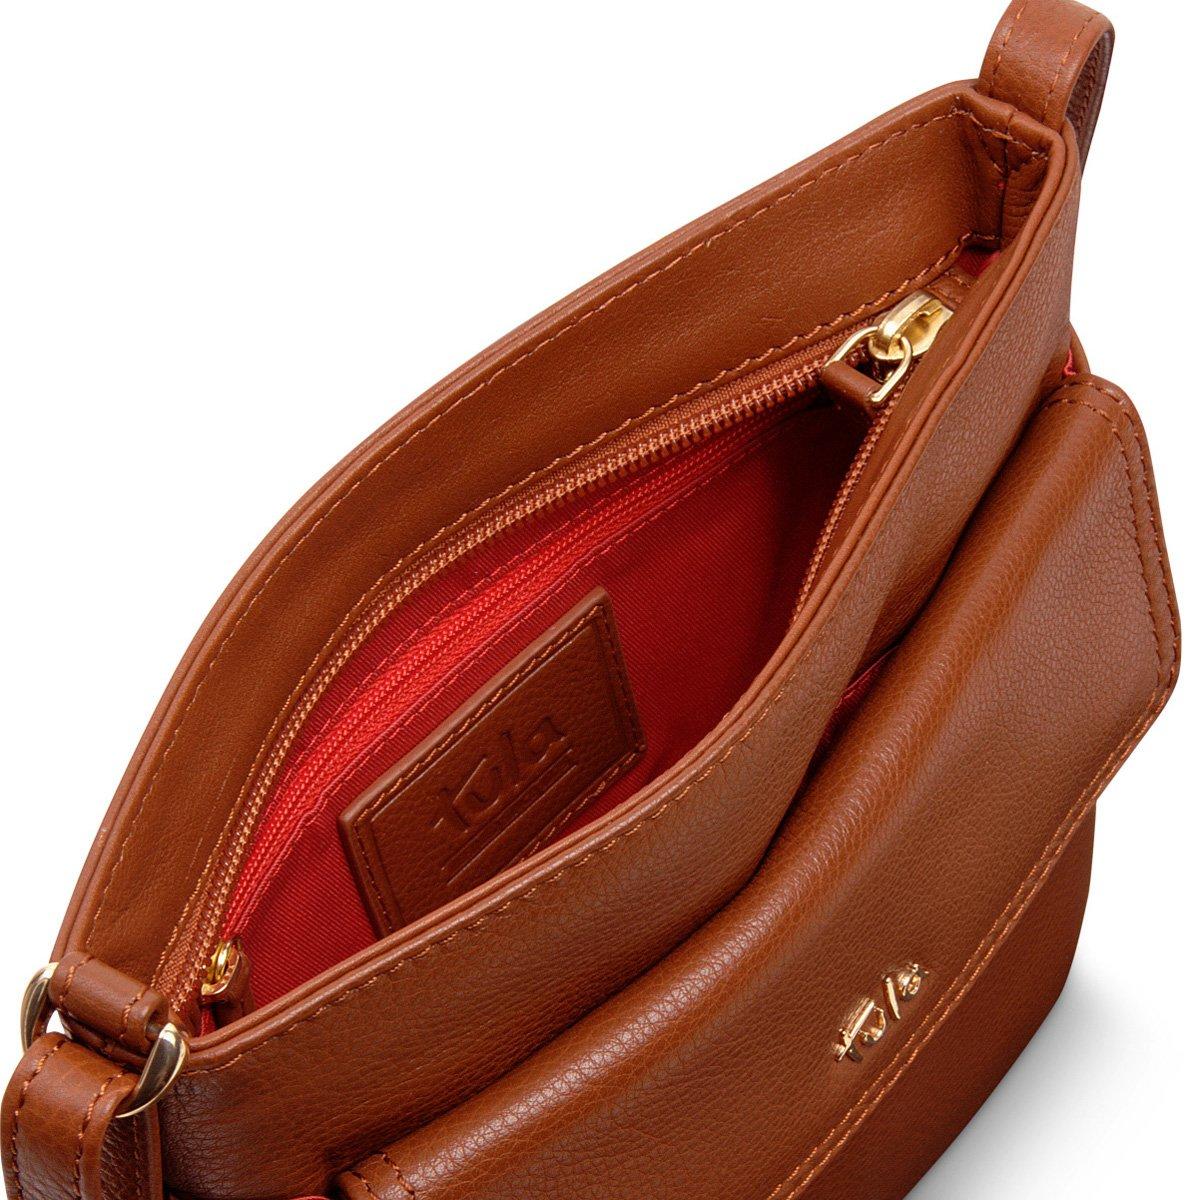 bdd1287e6dd Tula - Bolso bandolera de Piel Mujer Unisex adulto Hombre M  Amazon.es   Zapatos y complementos